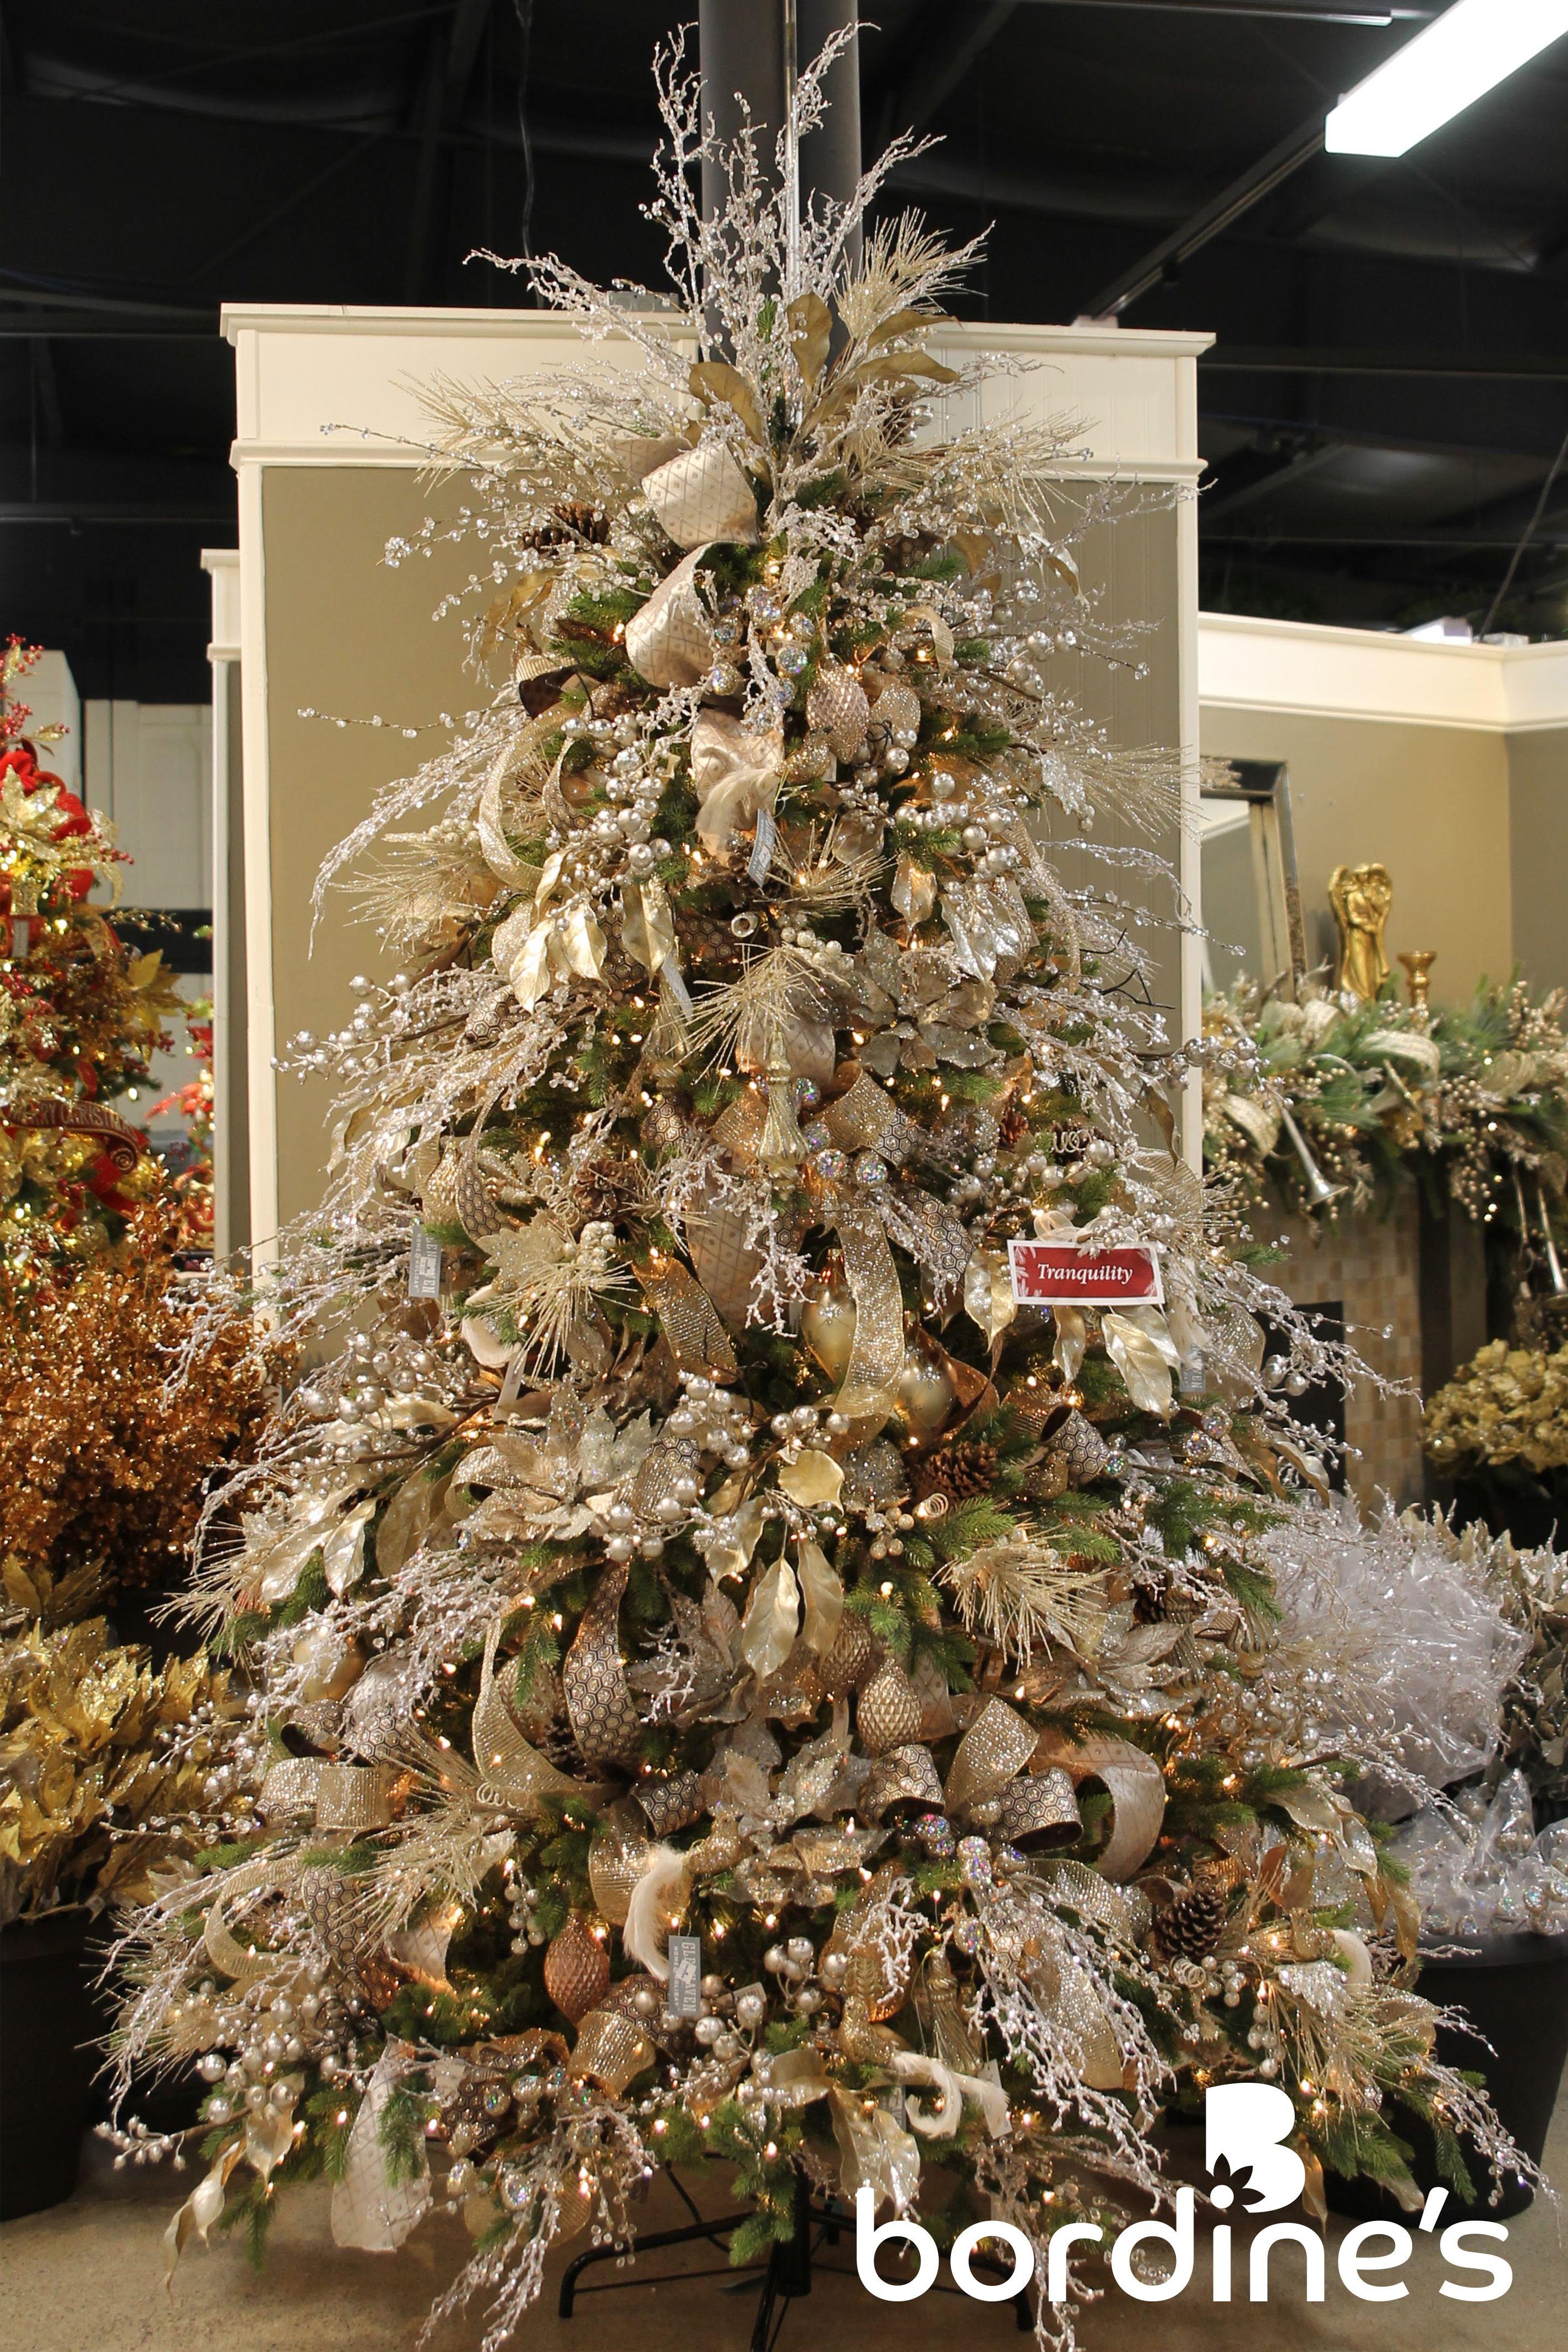 christmas fancy elegant este decorations tierra projects ornaments pictures diy decor